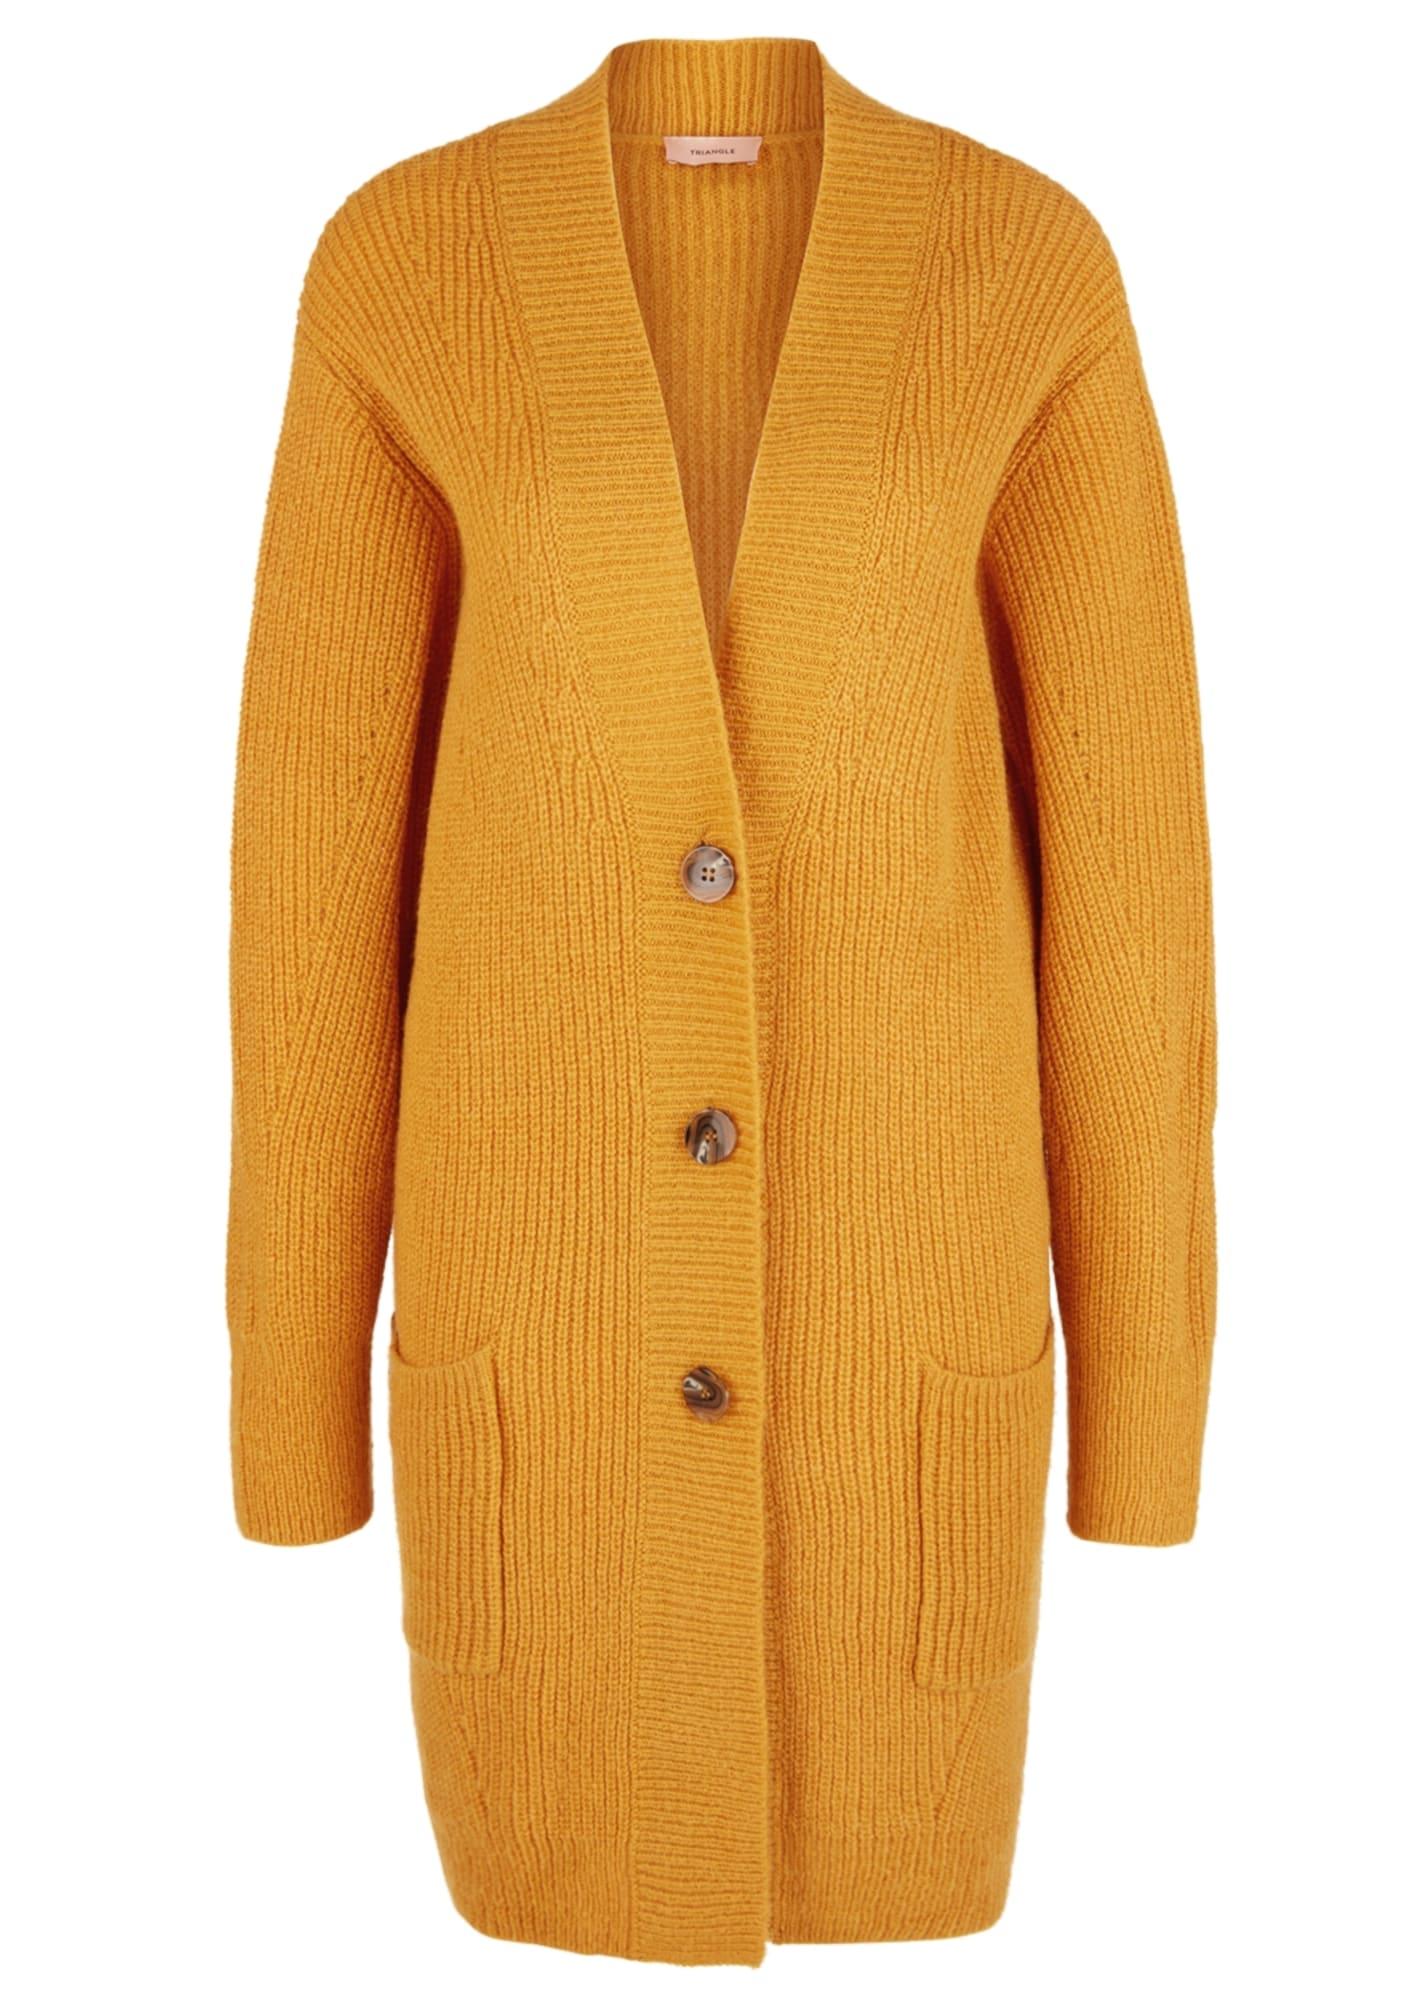 TRIANGLE Geacă tricotată galben auriu